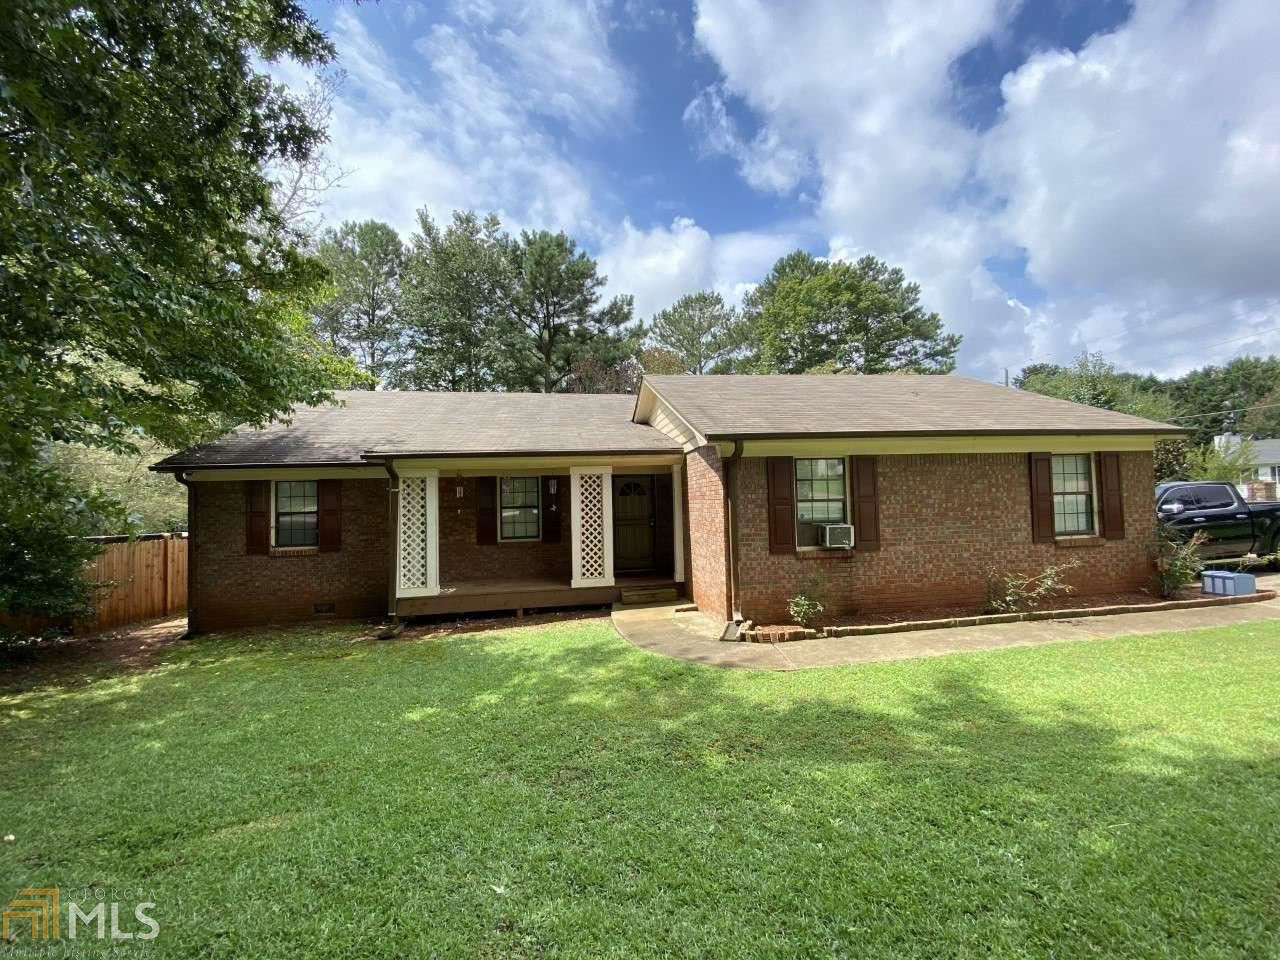 1078 Dallas Way, Lawrenceville, GA 30046 - MLS#: 8851561